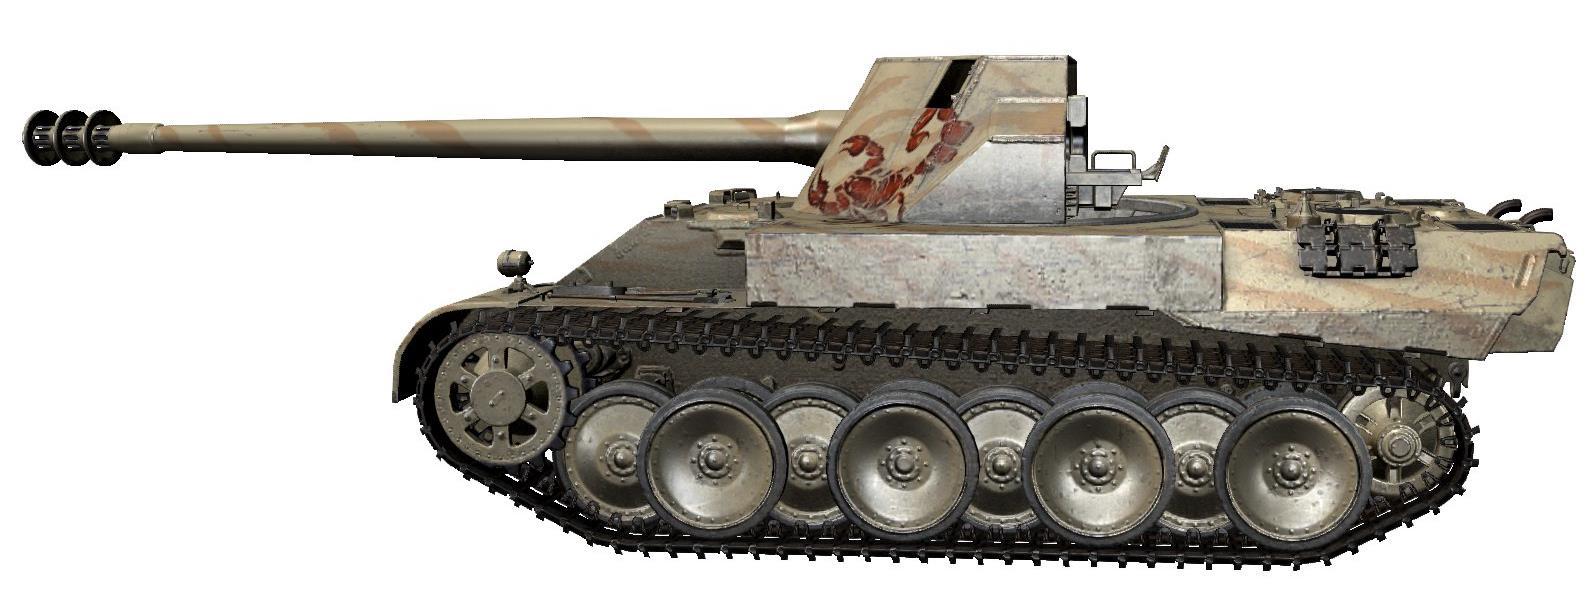 Купить пт сау скорпиона джет купить премиум танк дешево